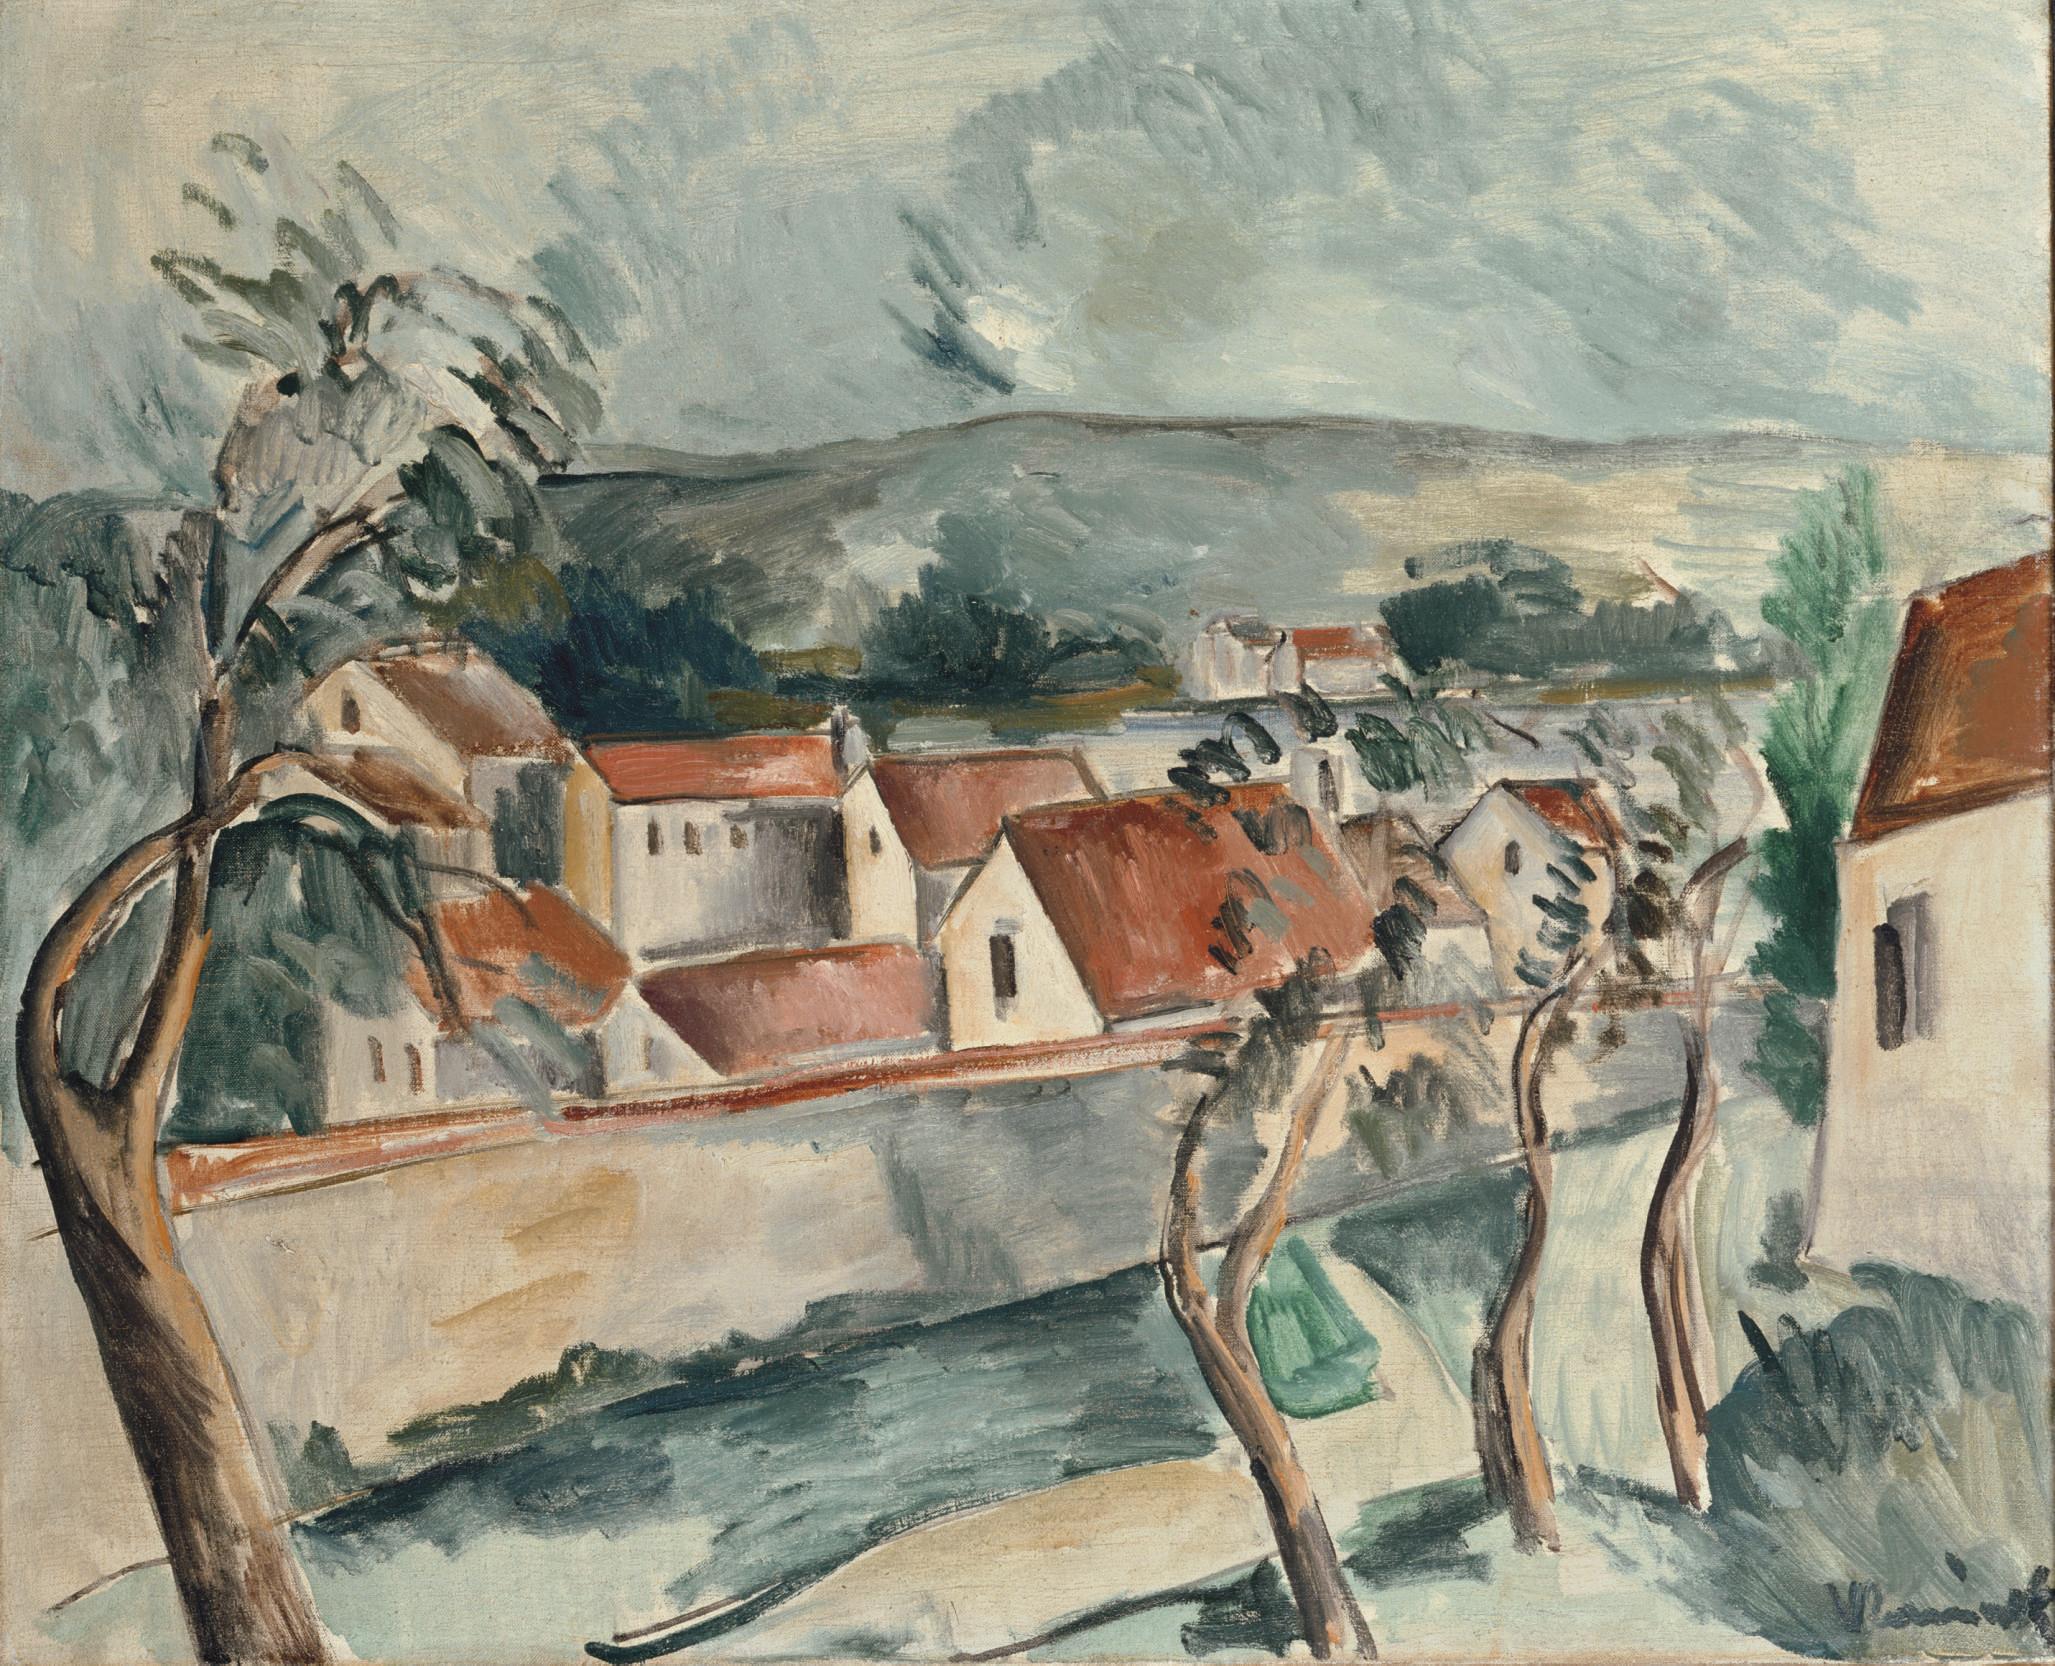 Maurice de Vlaminck (1876-1958